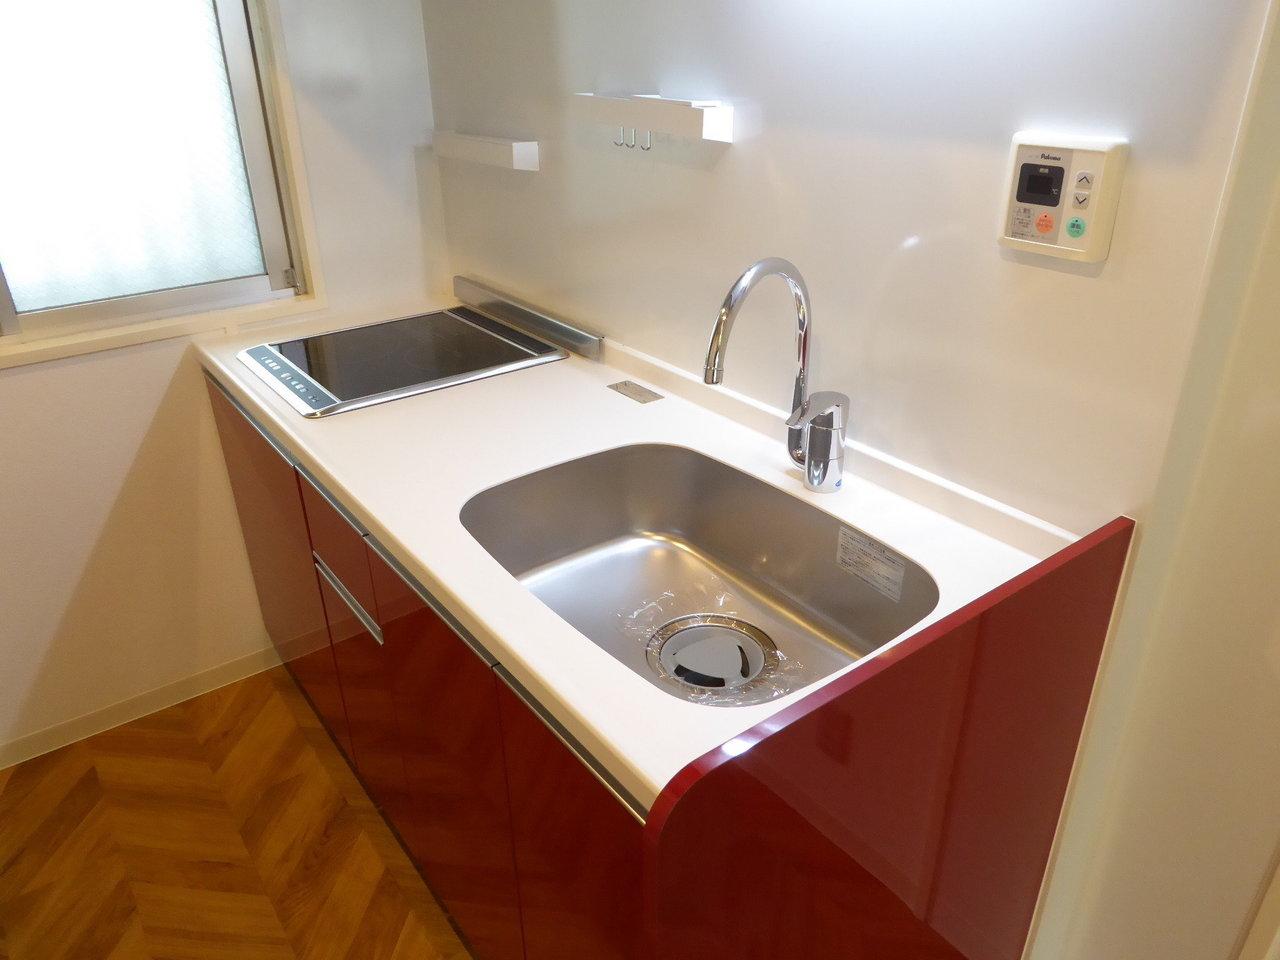 キッチンは収納スペースもしっかりある、IHコンロ型。自炊もしっかりできそう。蛇口もなかなか見ないタイプでおしゃれですよね。ナチュラルな雰囲気でありつつ、キッチンの赤でピリリと引き締まります。